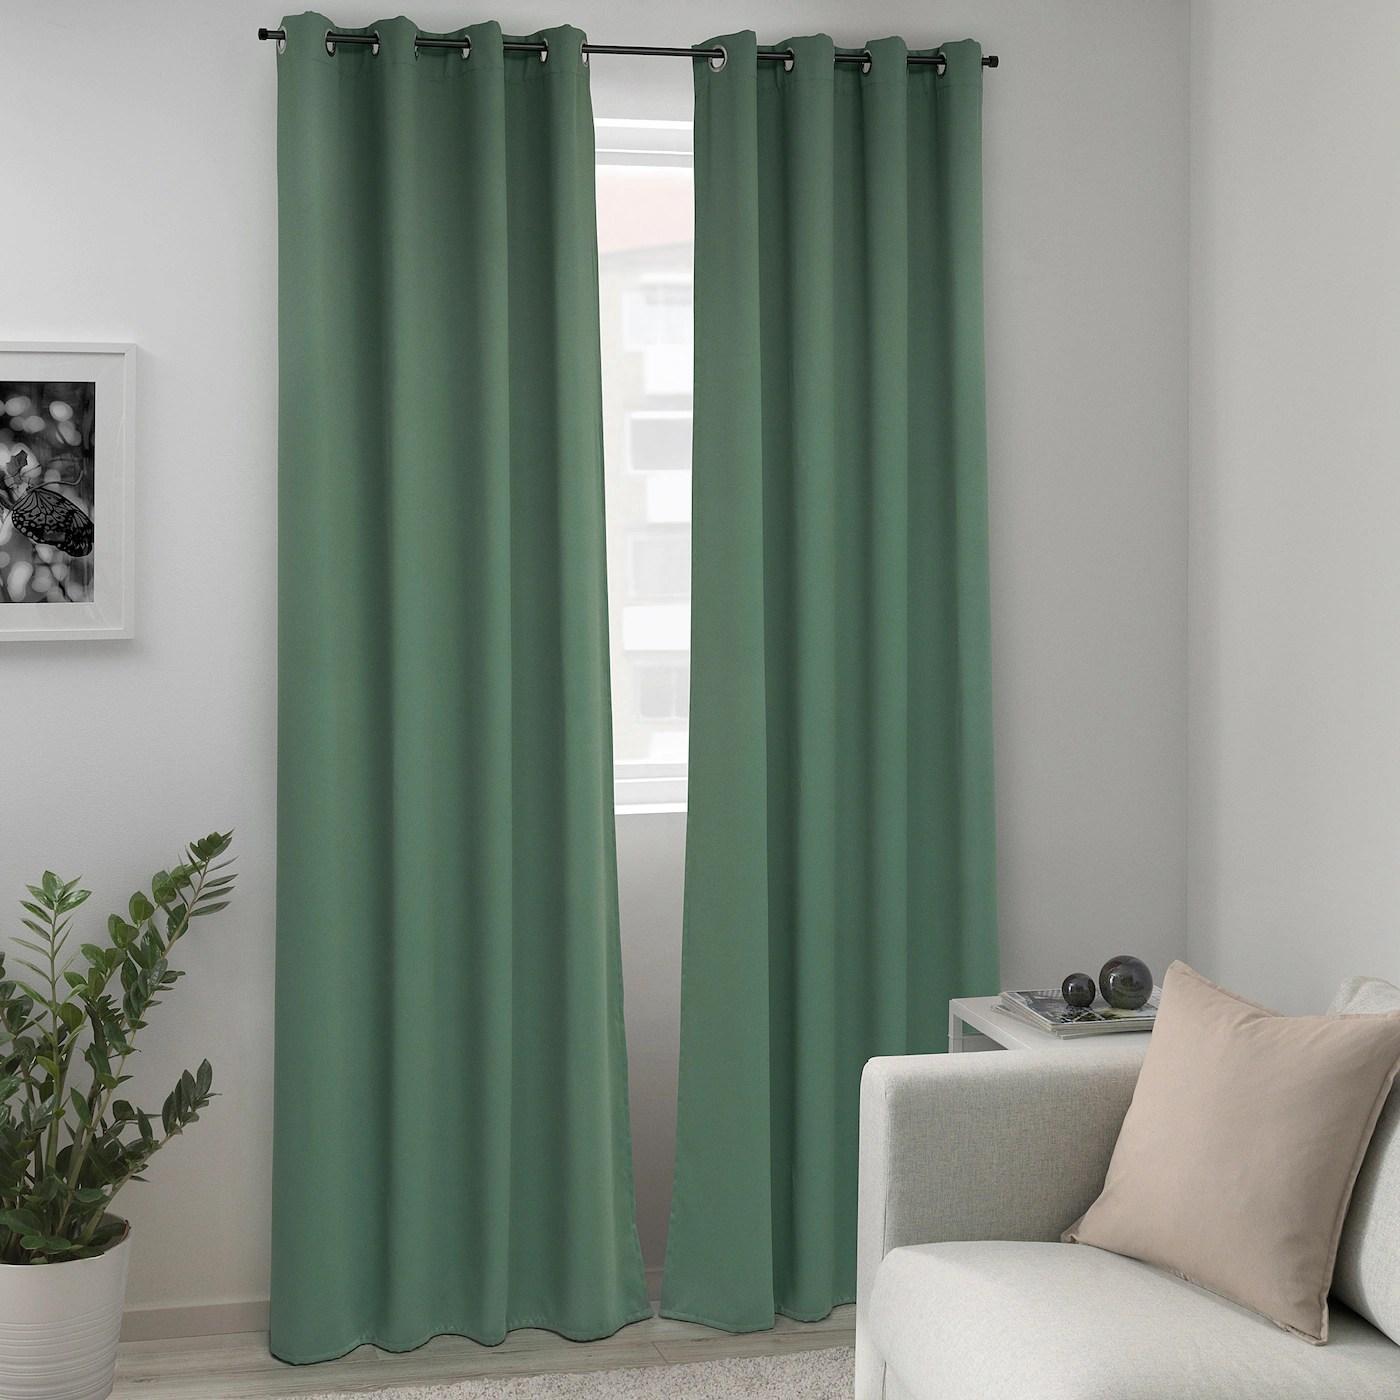 majgull rideaux occultant 2 pieces avec oeillets vert 145x300 cm